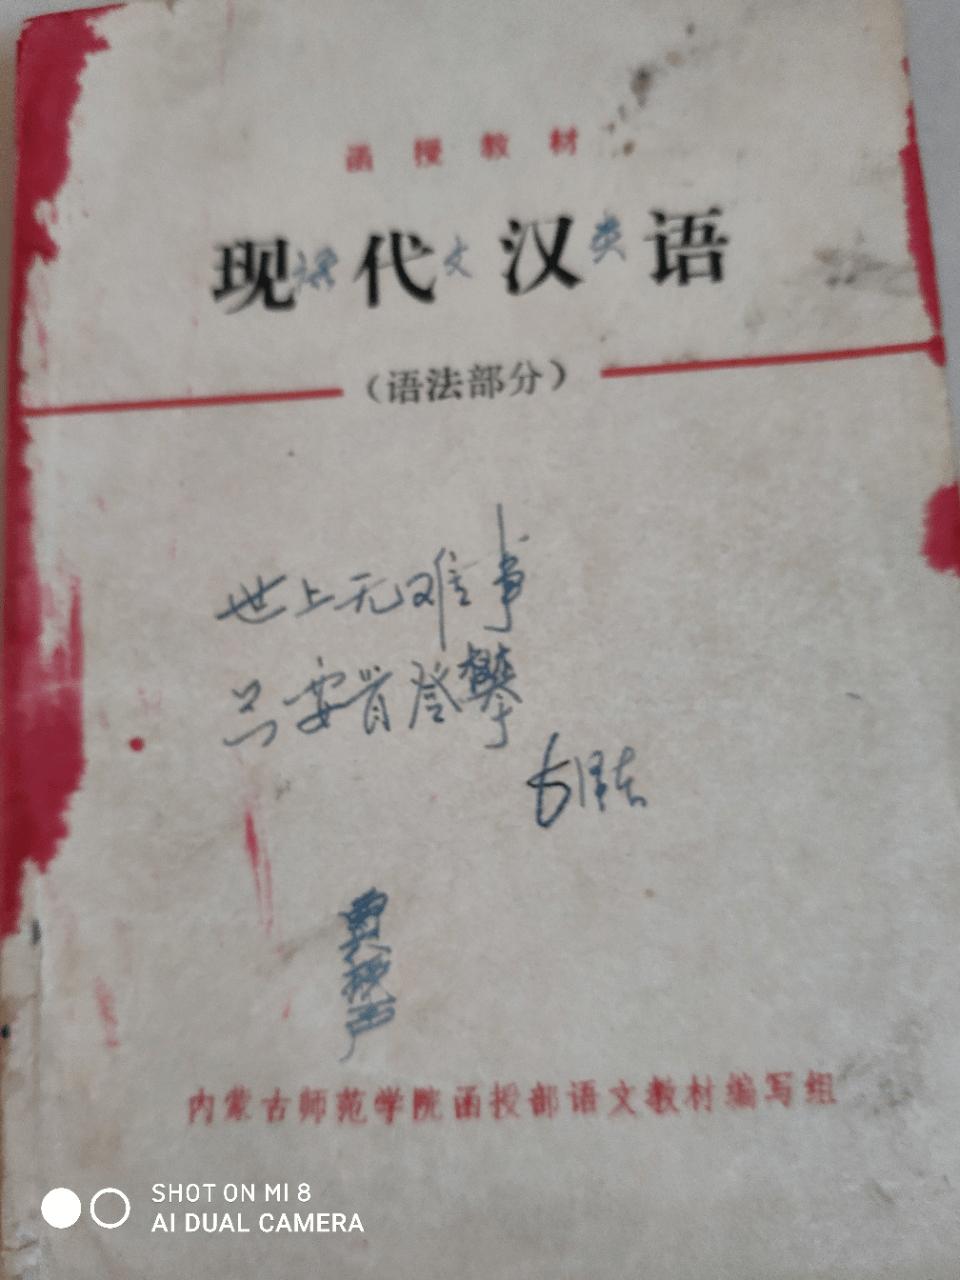 【岁月知味】贾振声/油印自编教材